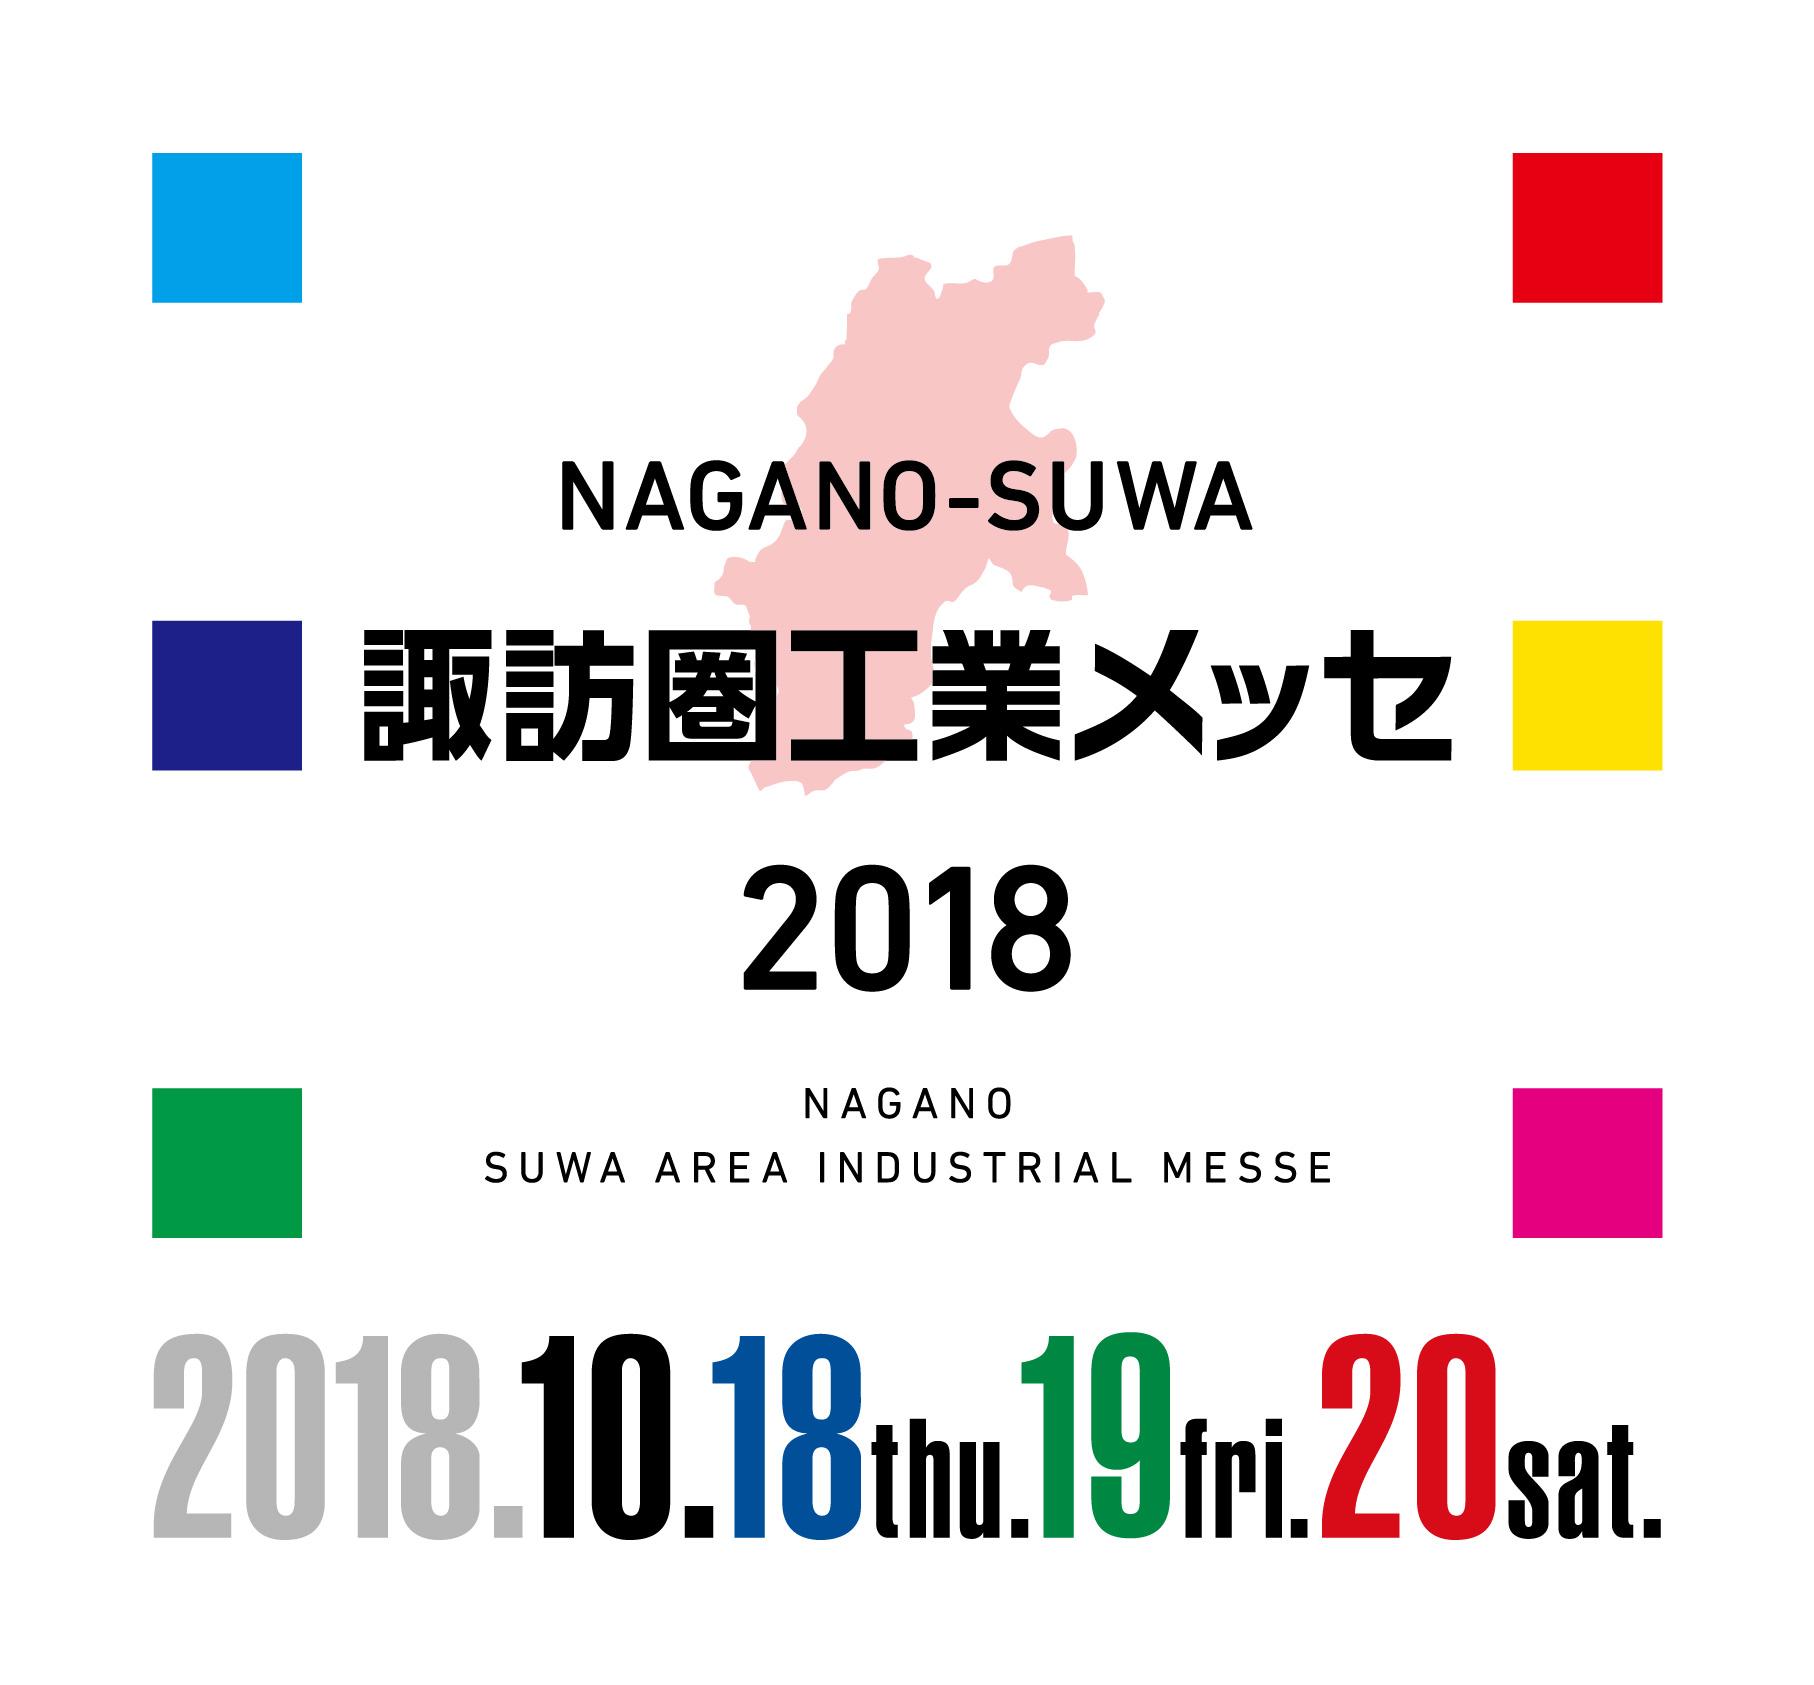 2018.10.18~20 諏訪圏工業メッセ2018に出展します